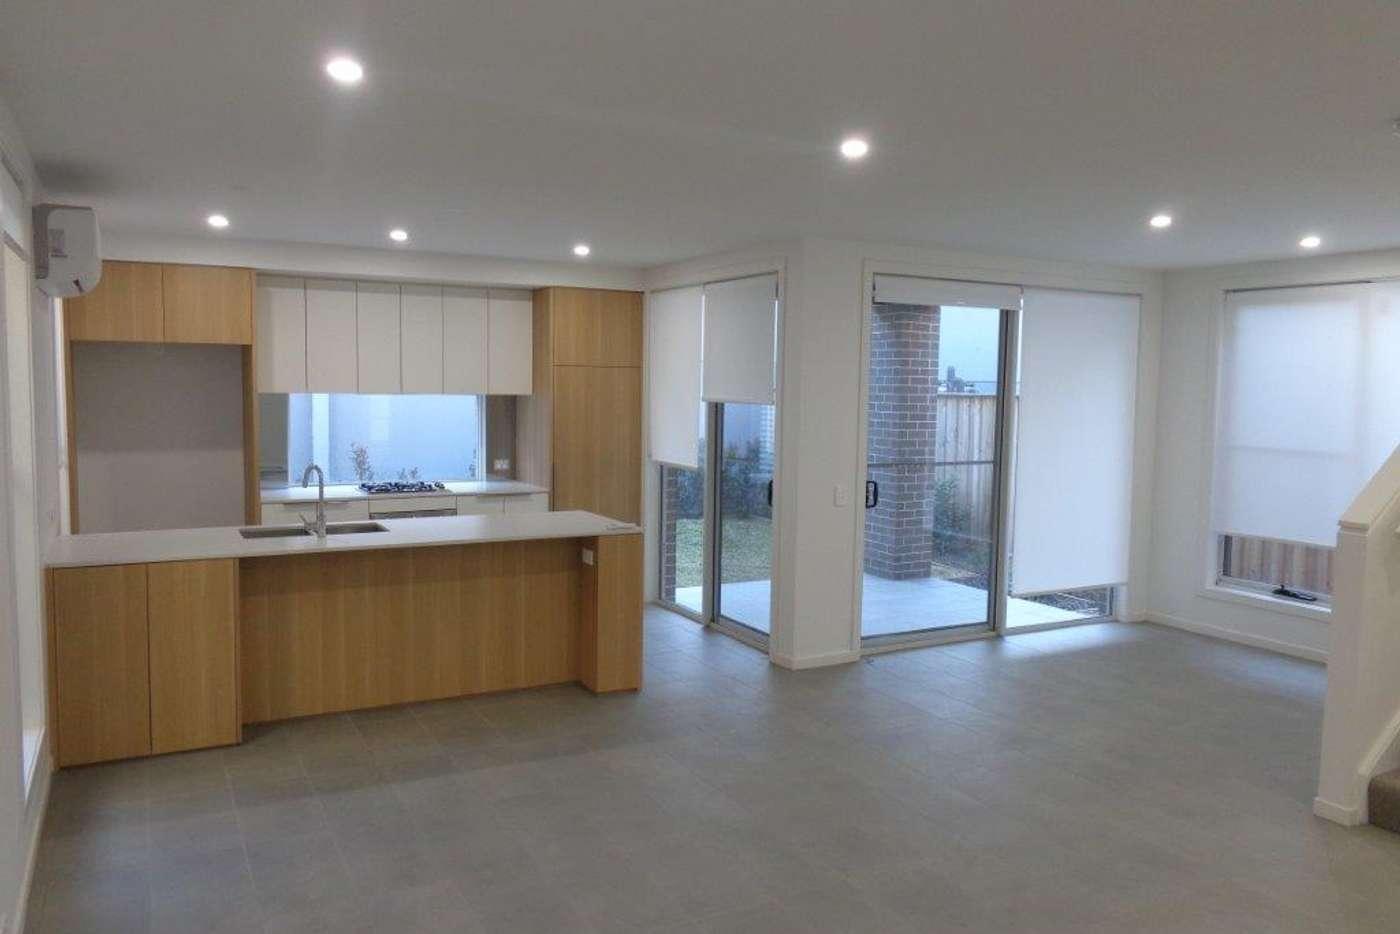 Main view of Homely house listing, 50 Indigo Crescent, Denham Court NSW 2565